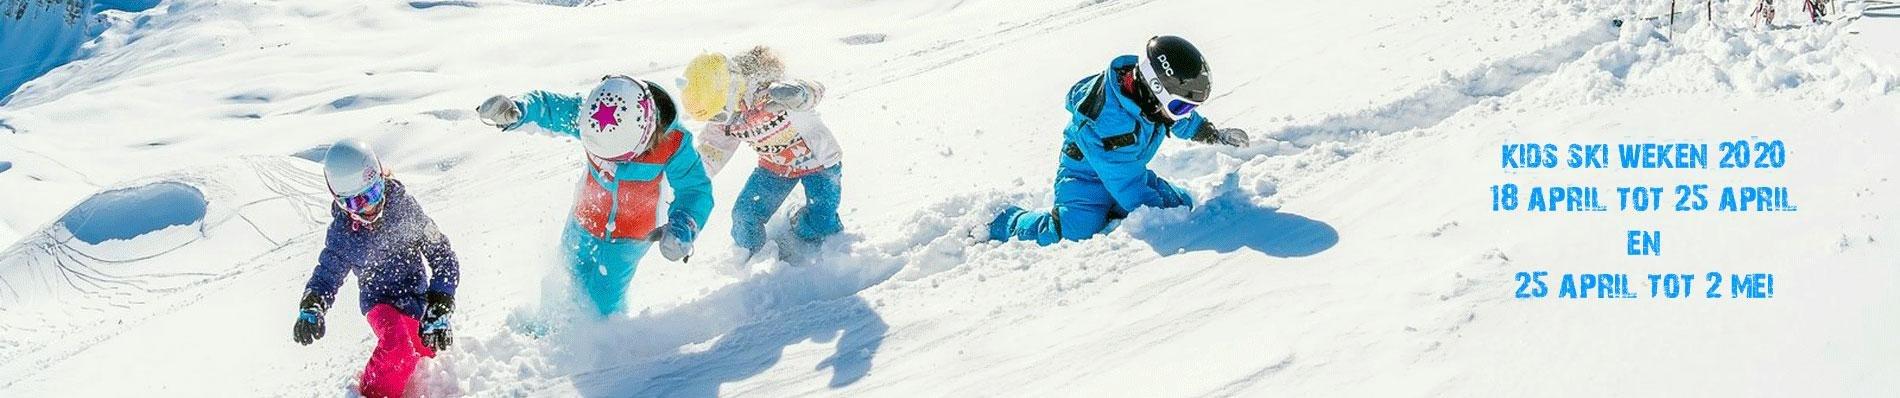 kids ski weken het Frankrijk huis tignes